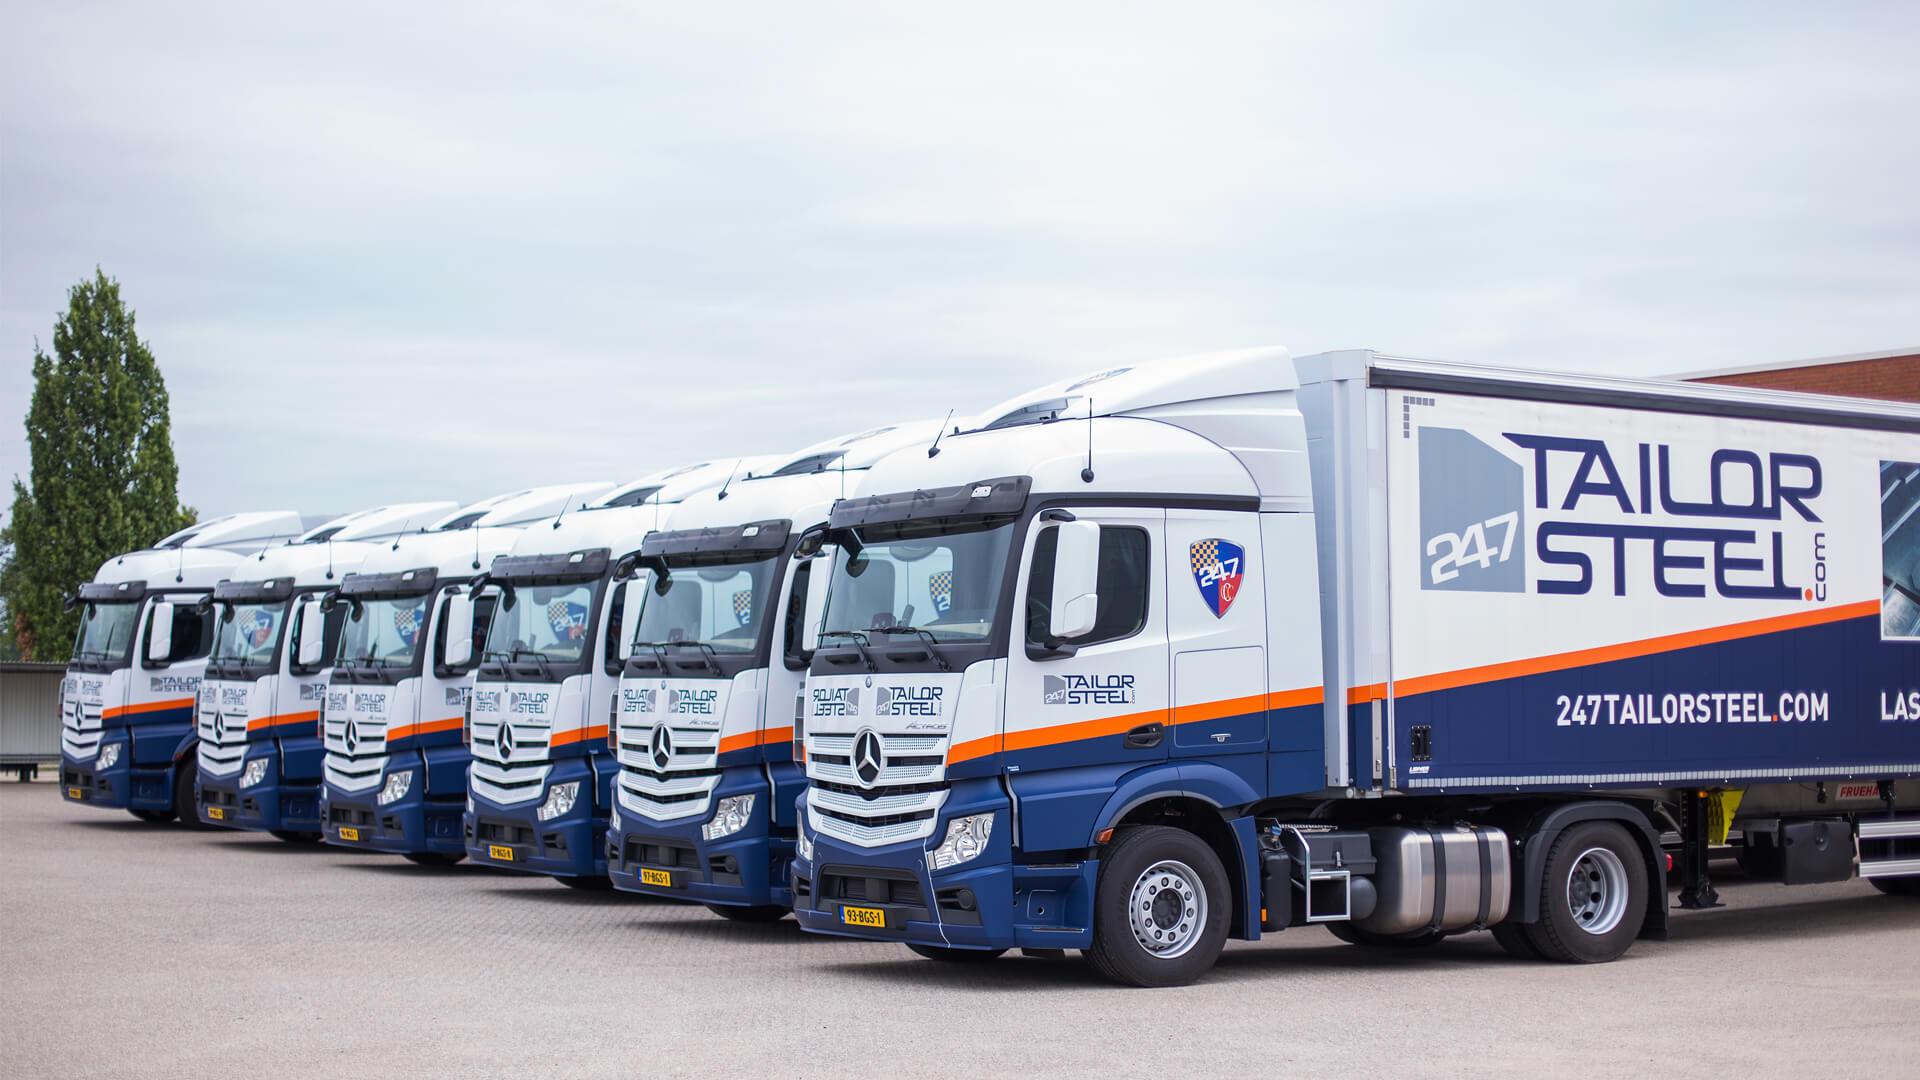 Vrachtwagens logistiek - 247TailorSteel